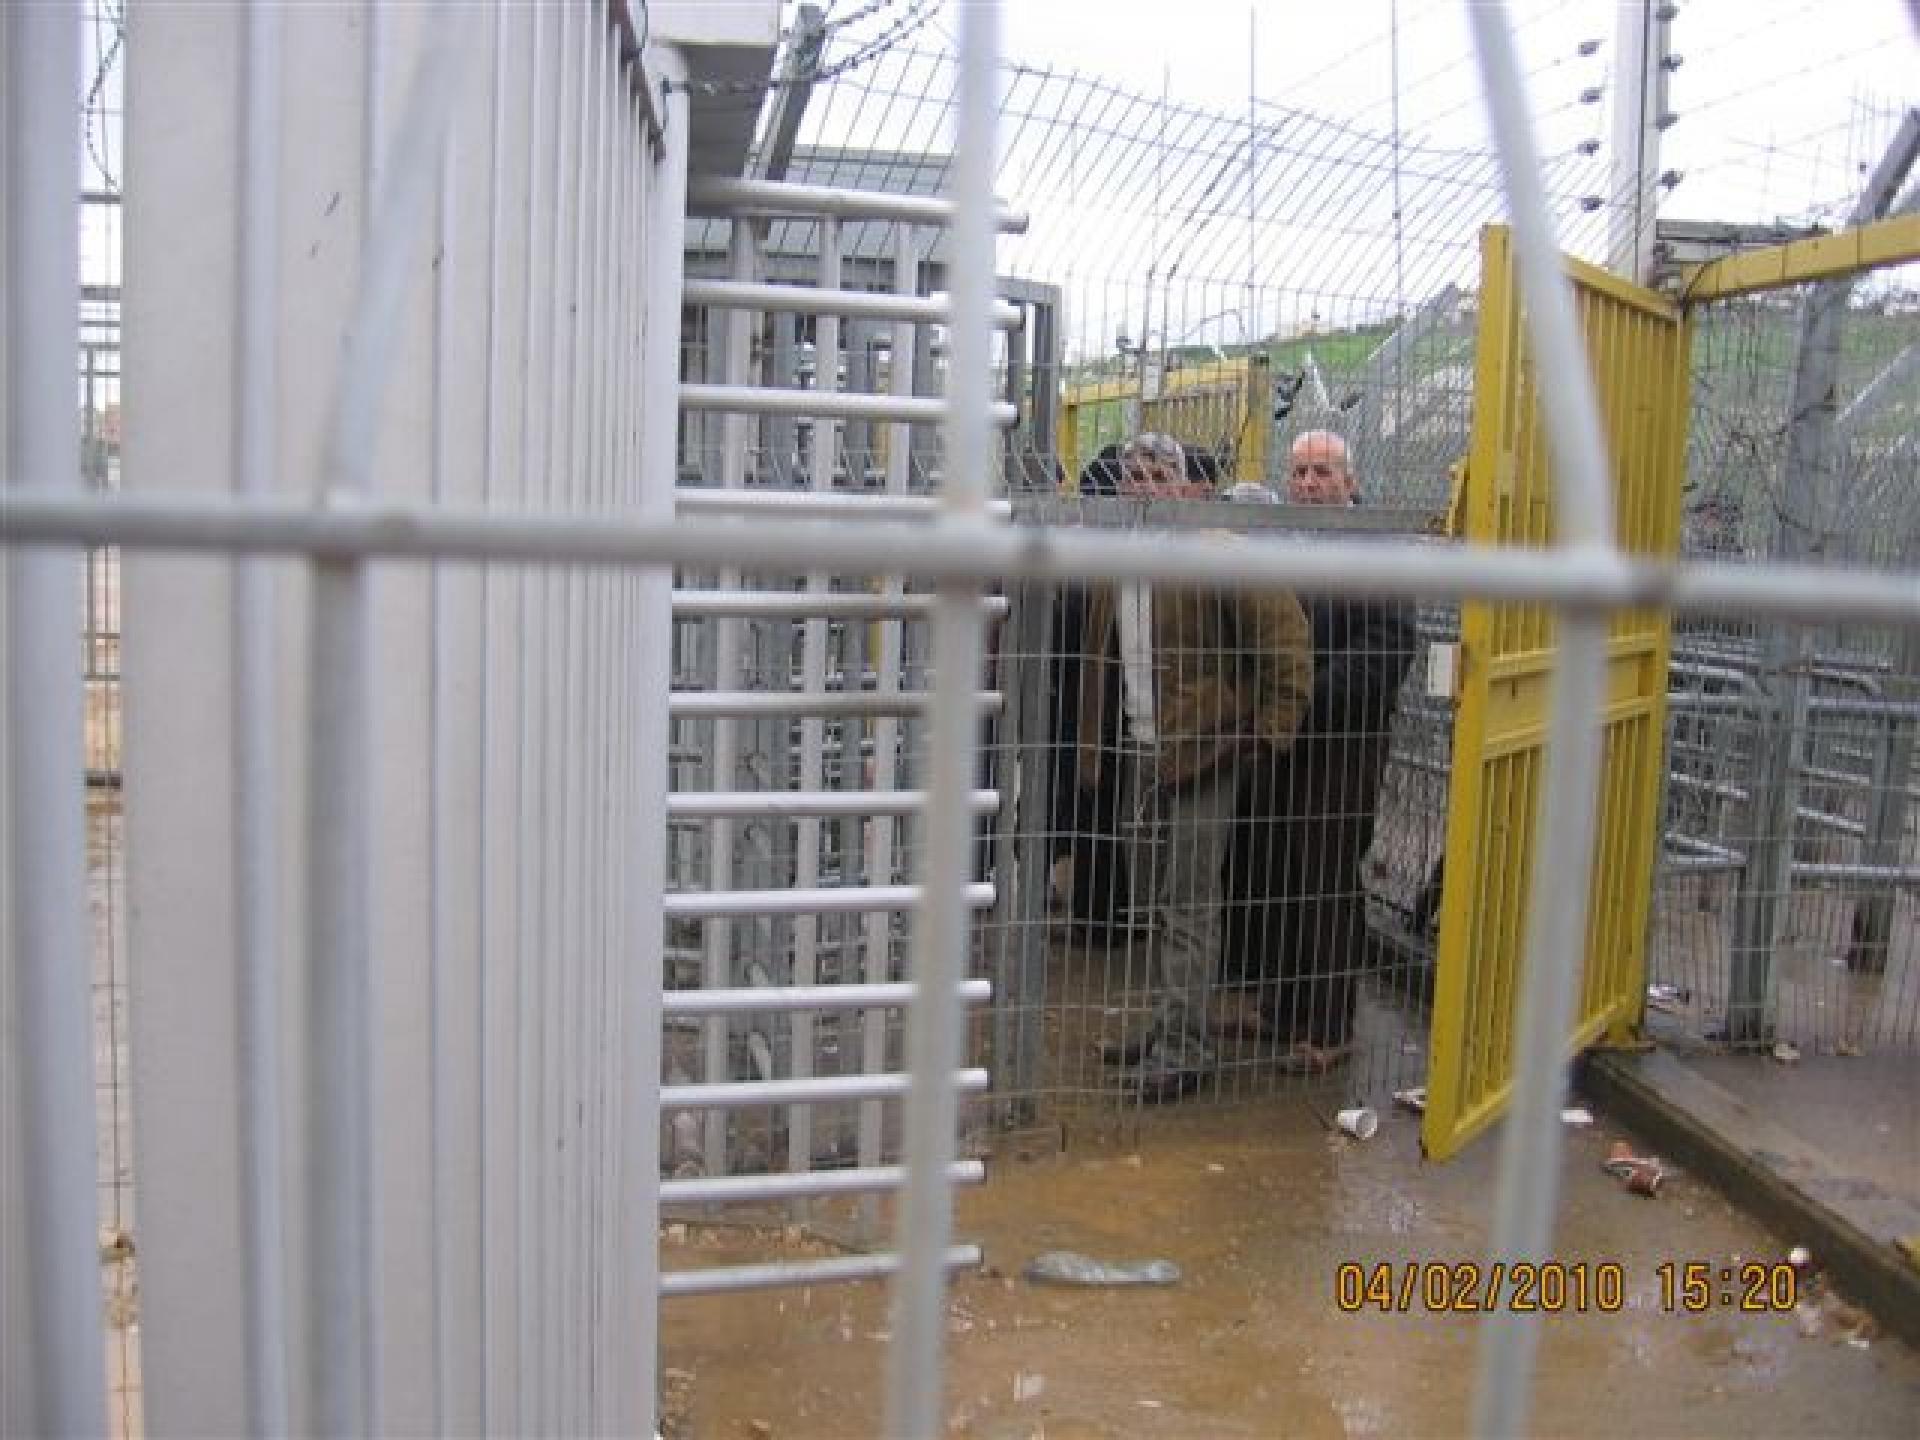 Irtah/Sha'ar Efrayim checkpoint 04.02.10